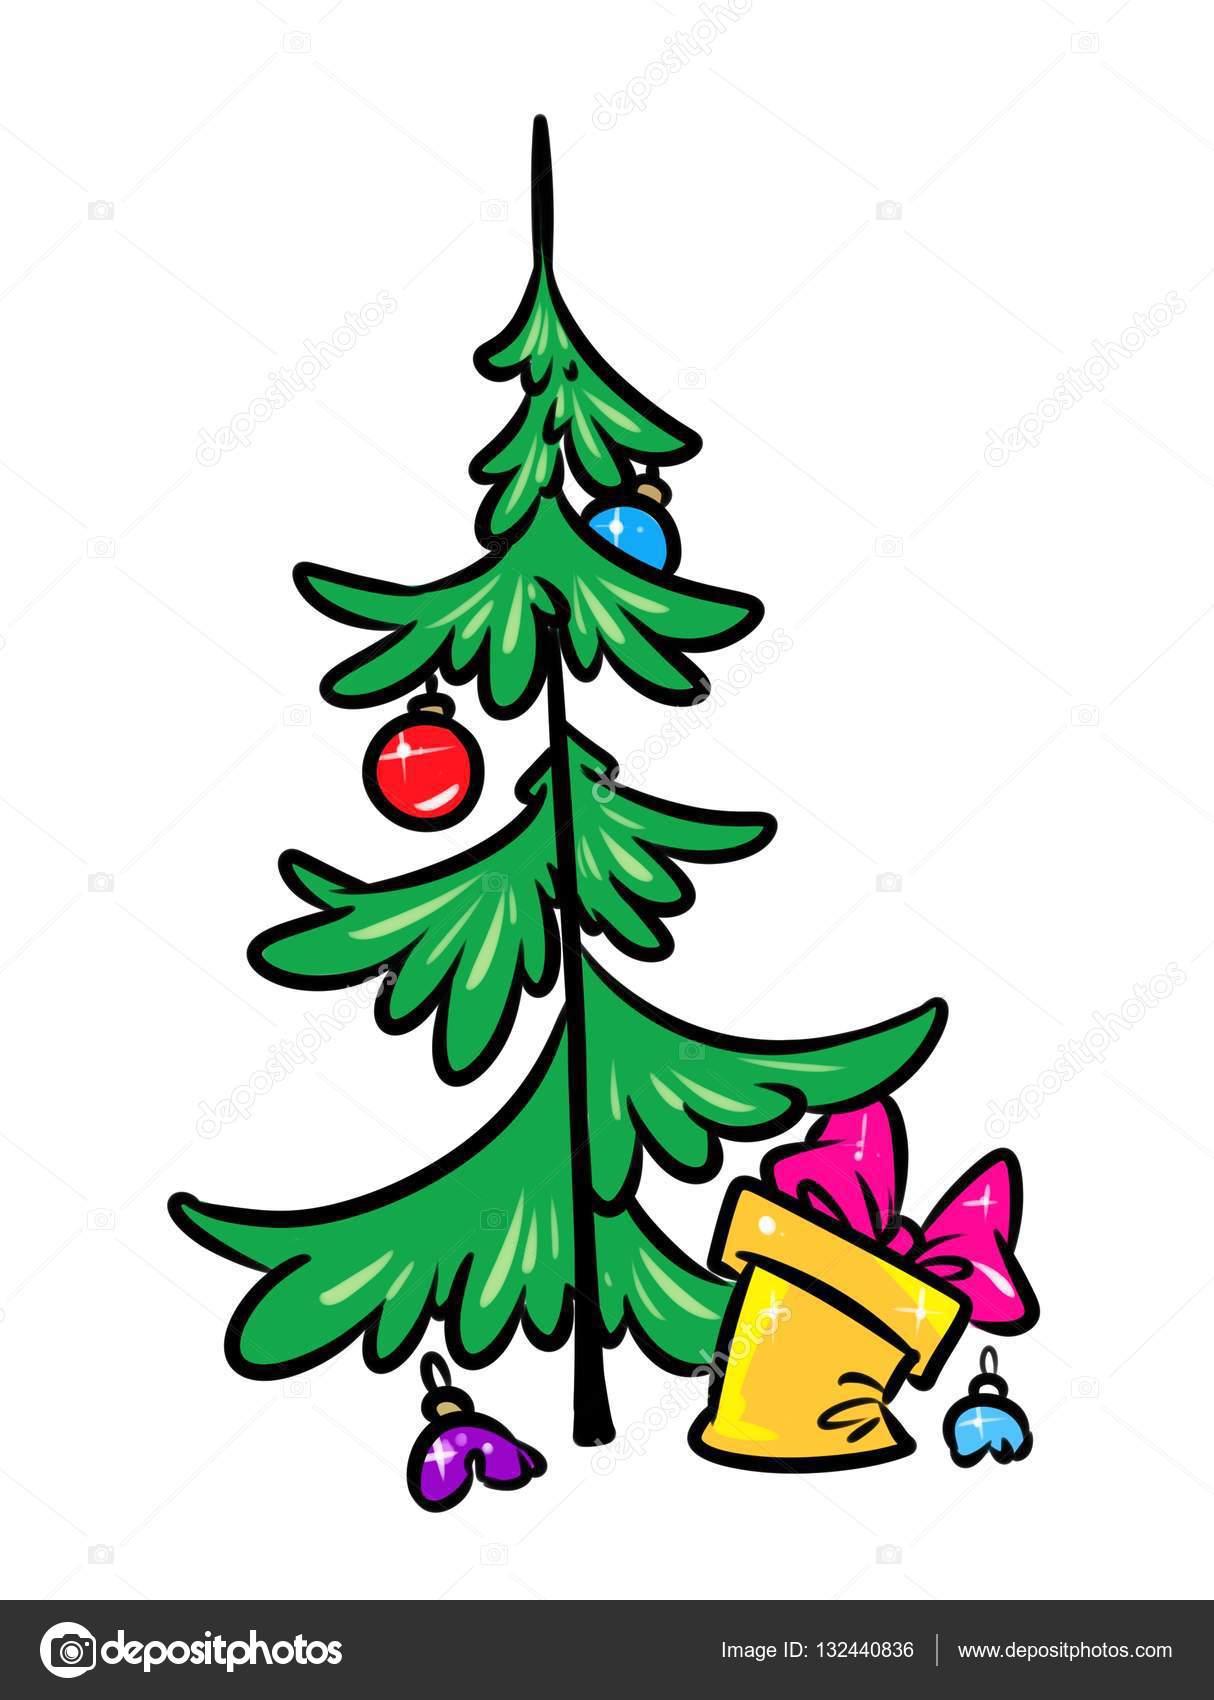 Weihnachtsbaum-Geschenk-Parodie-cartoon — Stockfoto © Efengai #132440836